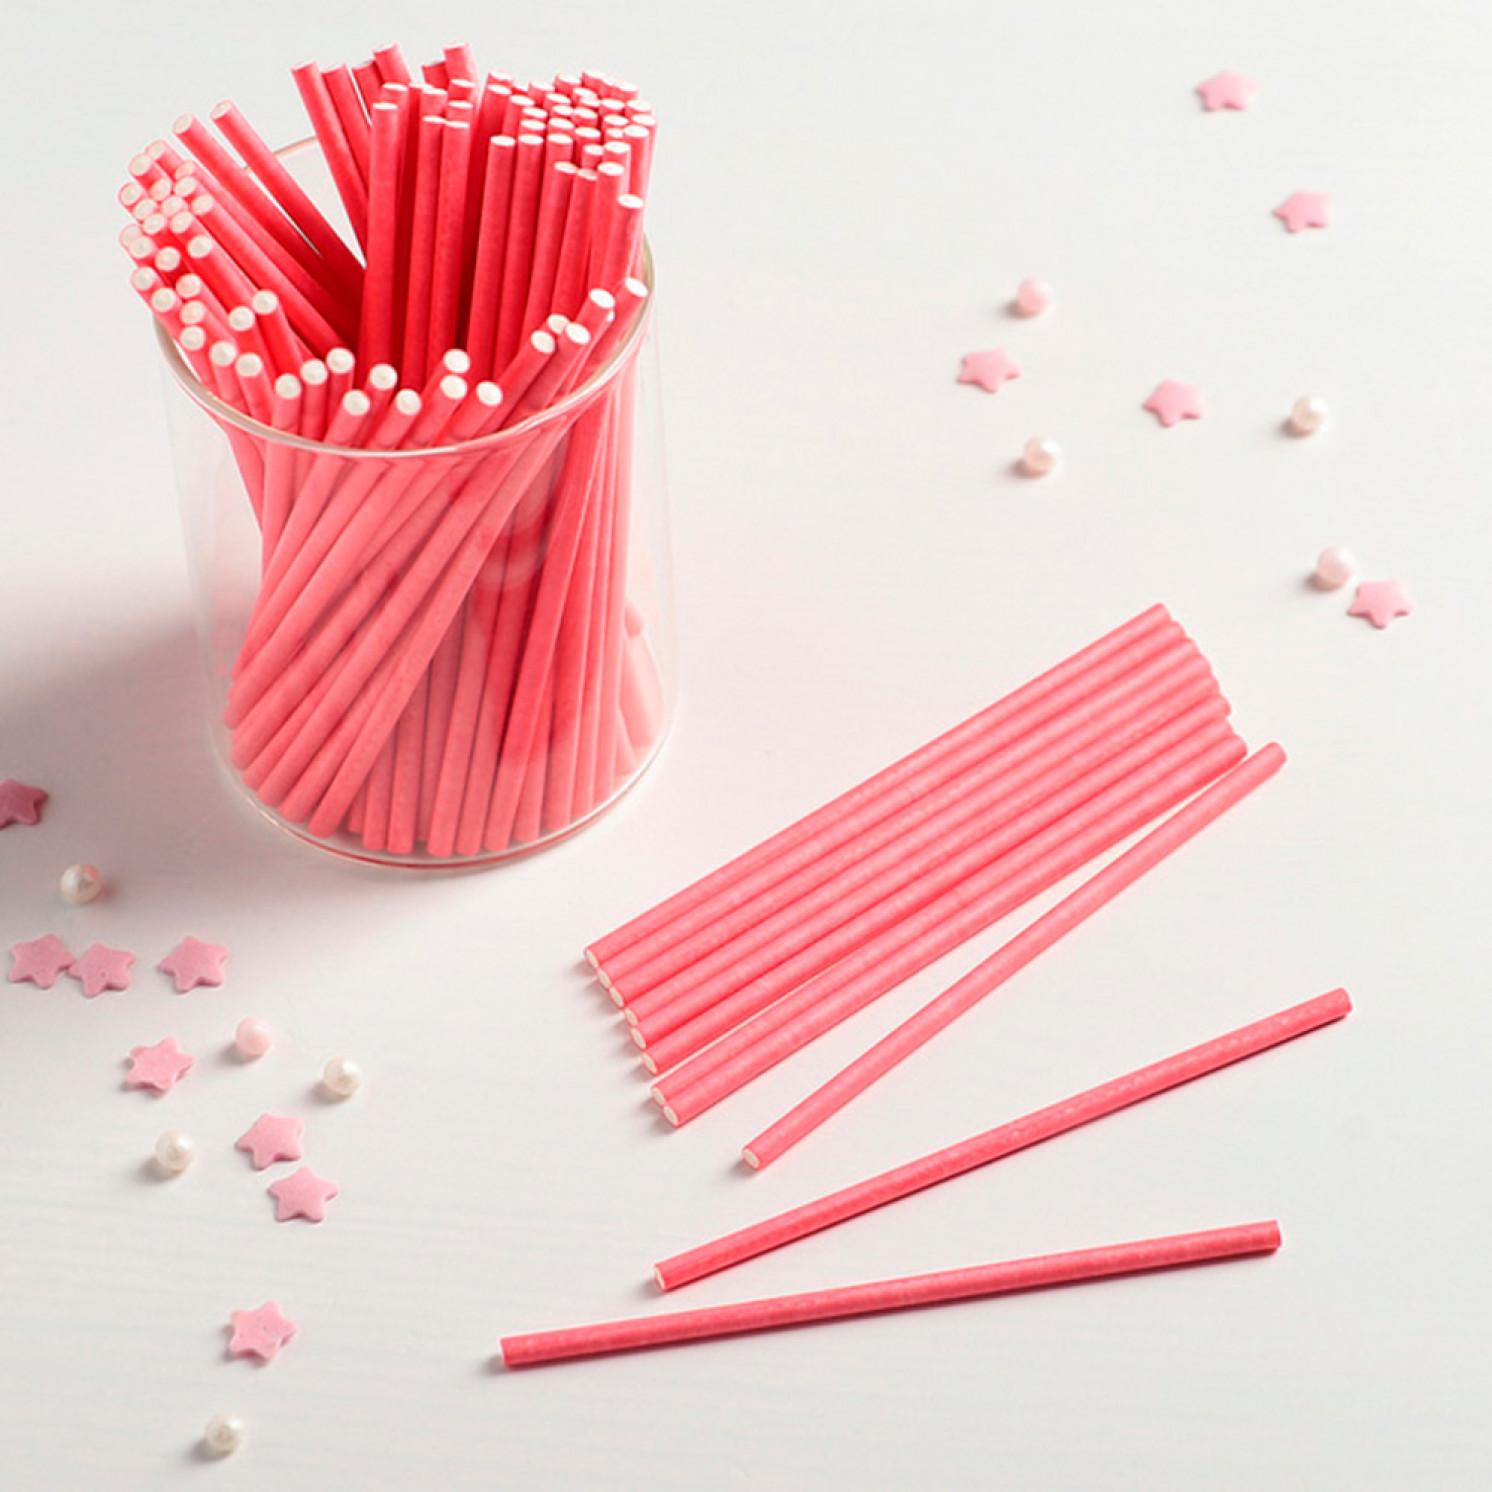 Палочки для кейкпопсов 10×0,2 см, 100 шт, цвет розовый